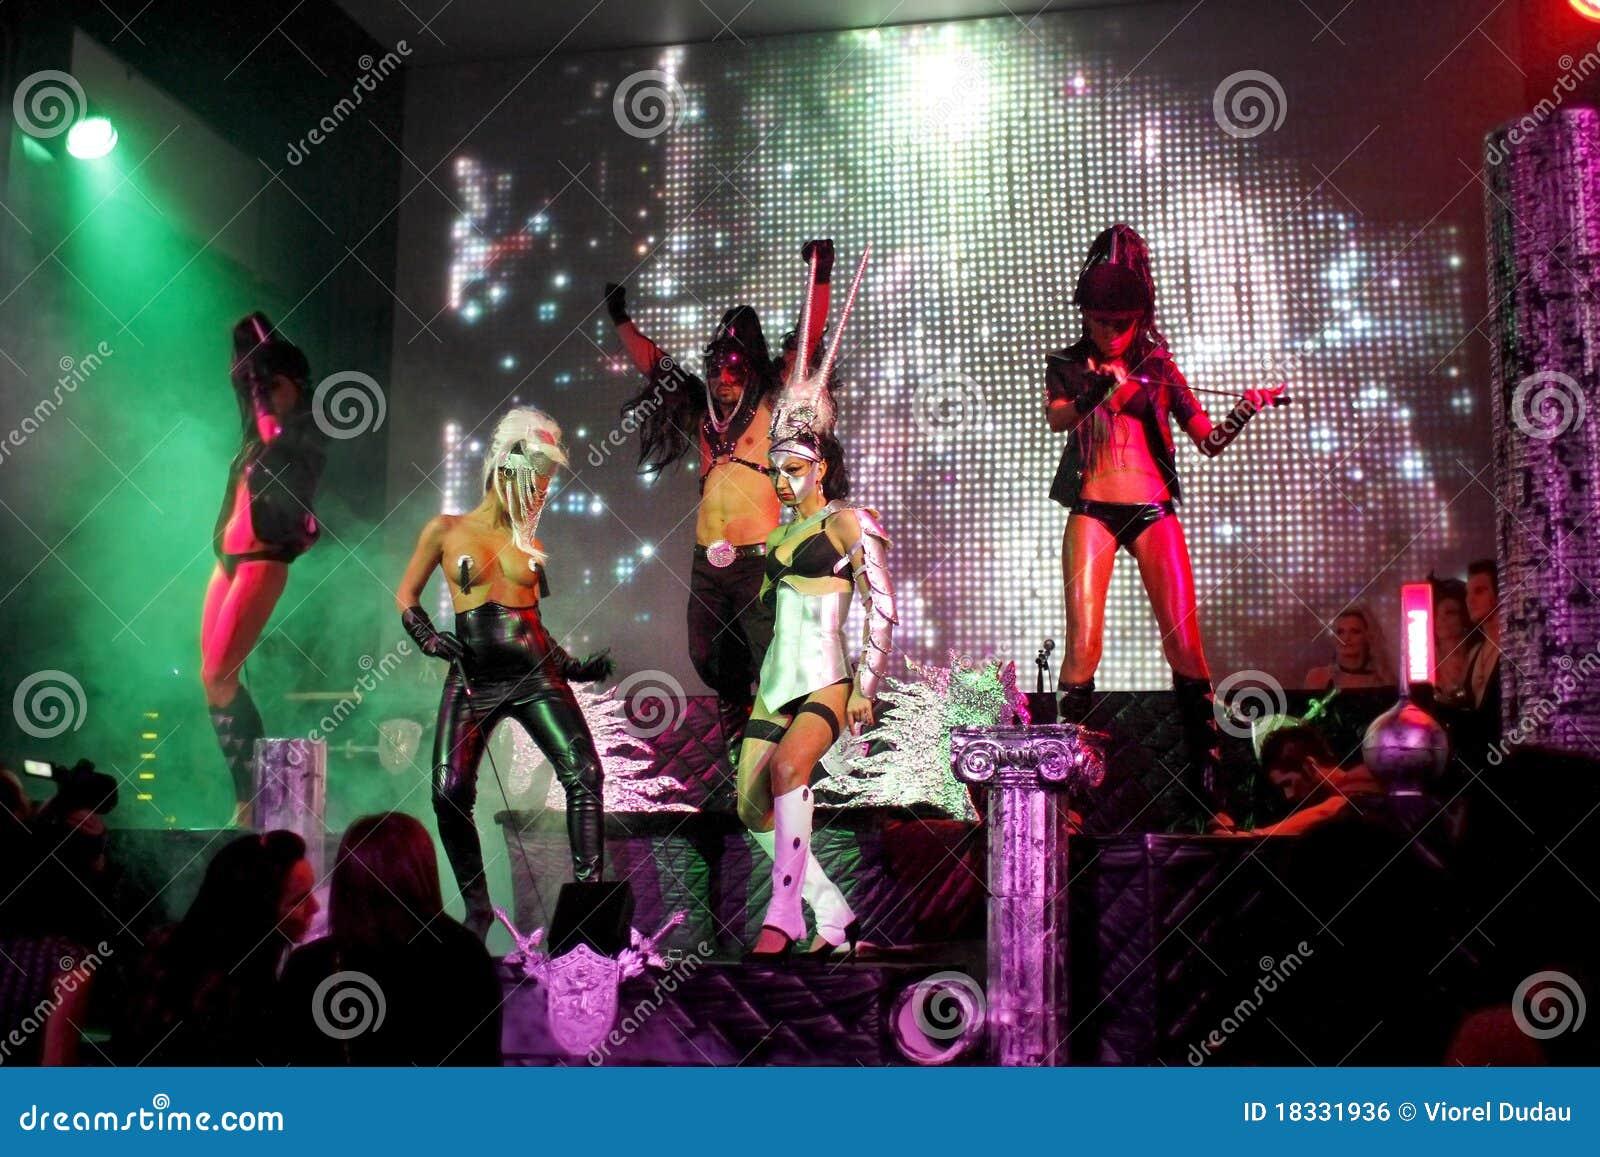 Клуб с эротическим шоу ночной клуб 5 авеню омск